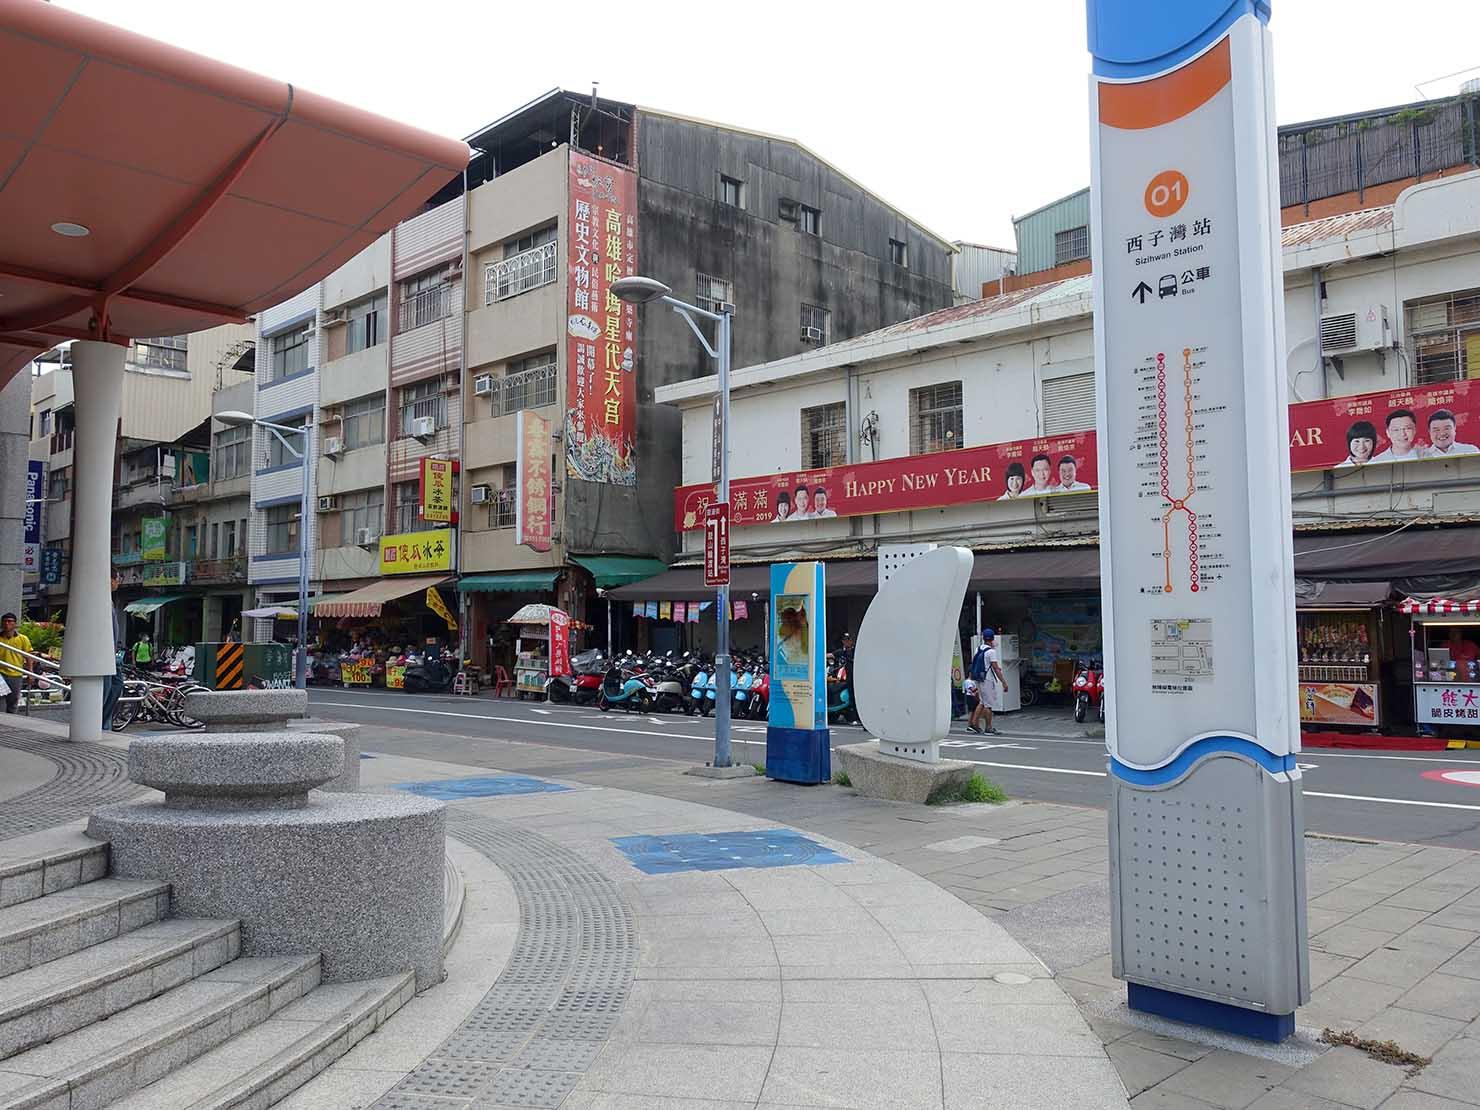 高雄MRT西子灣駅1番出口